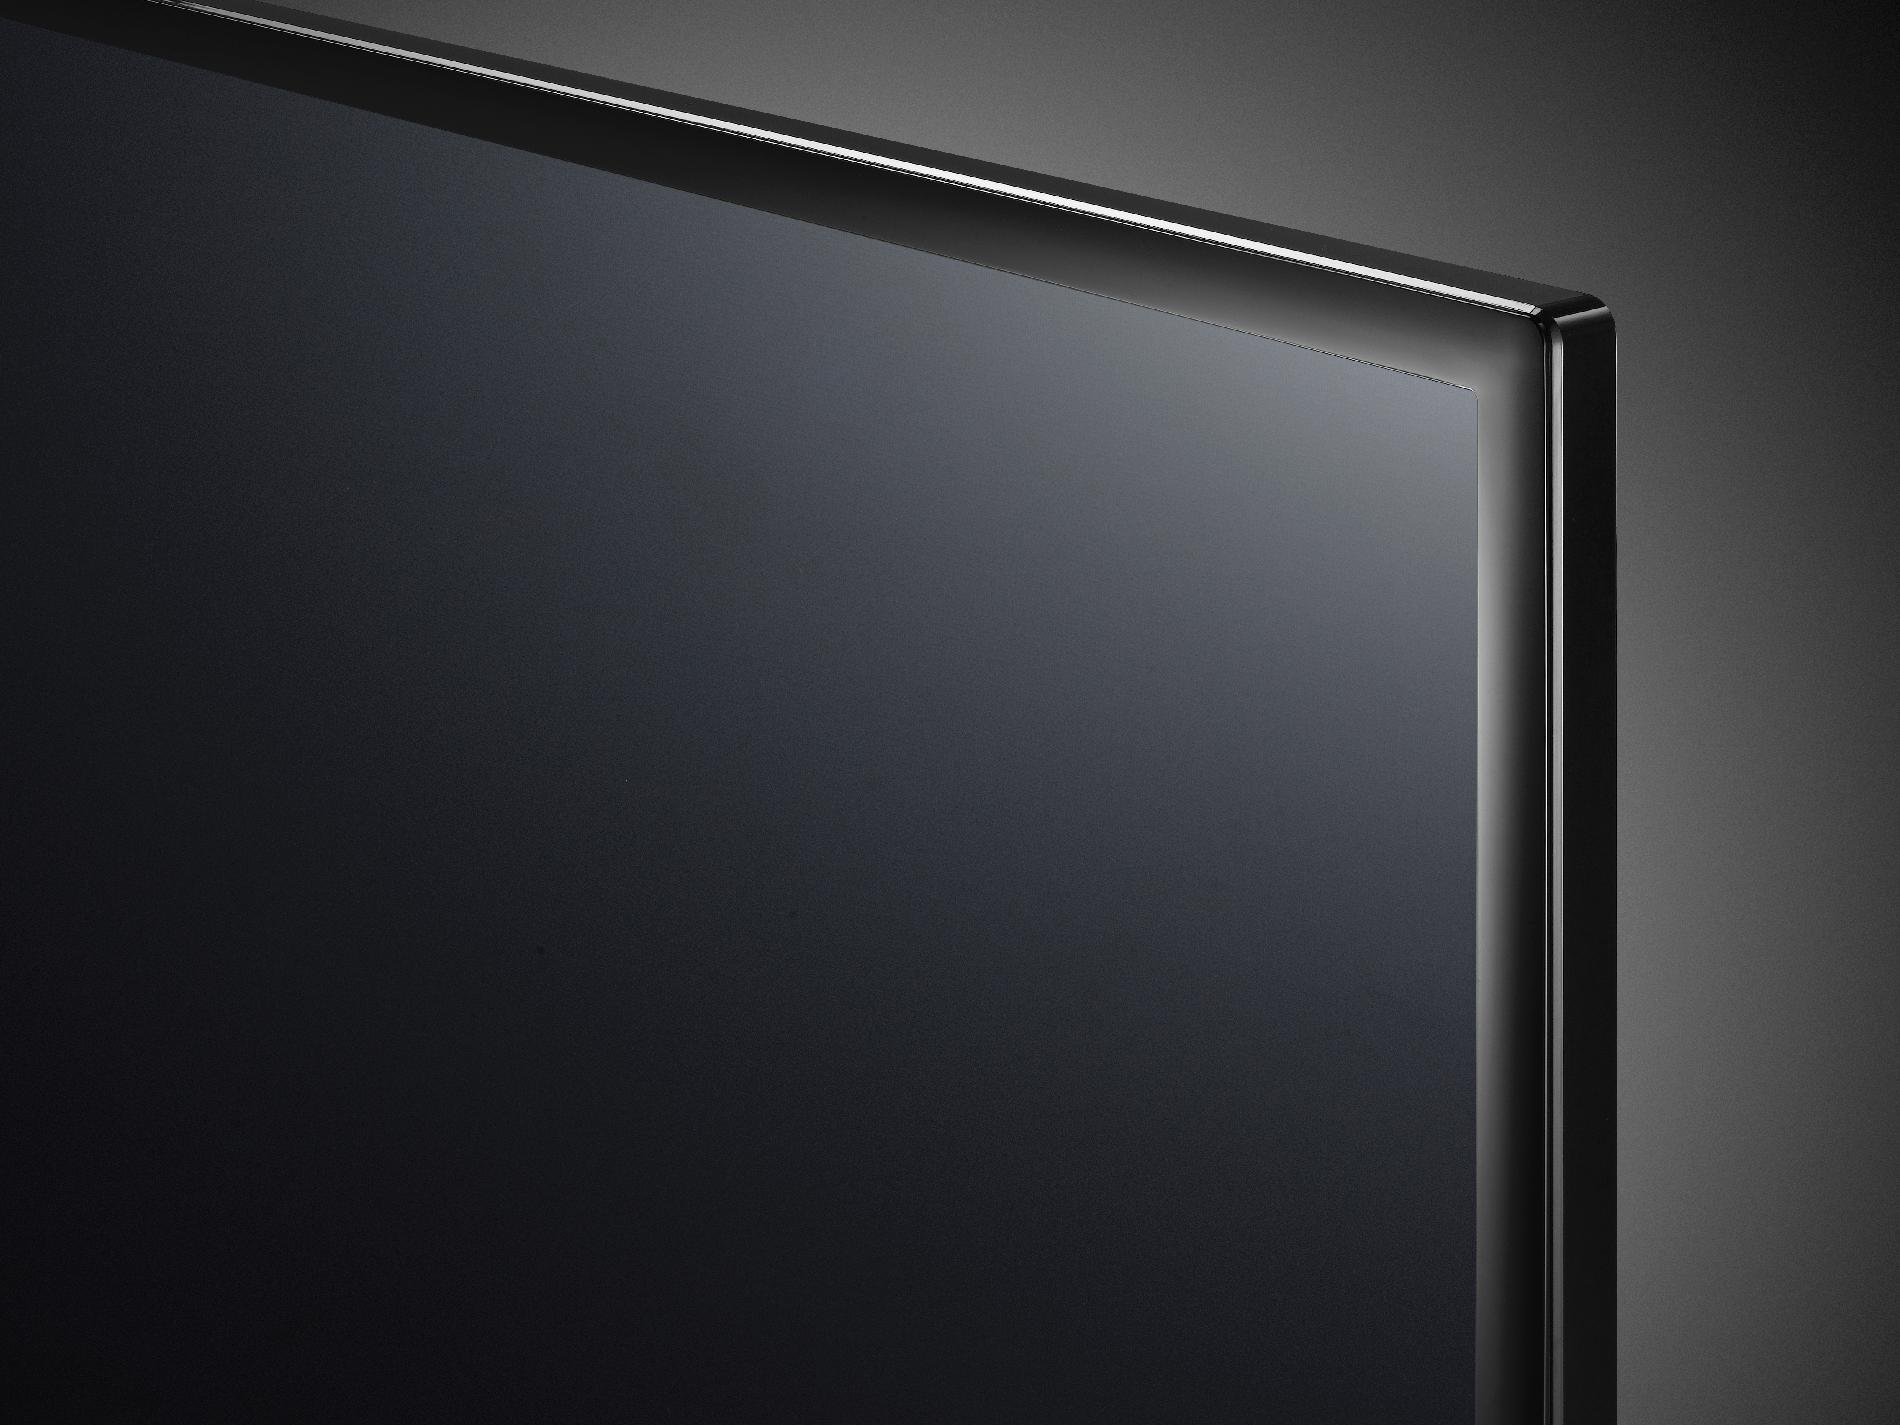 """LG 42"""" Class 1080p 120Hz LED HDTV - 42LN5400"""